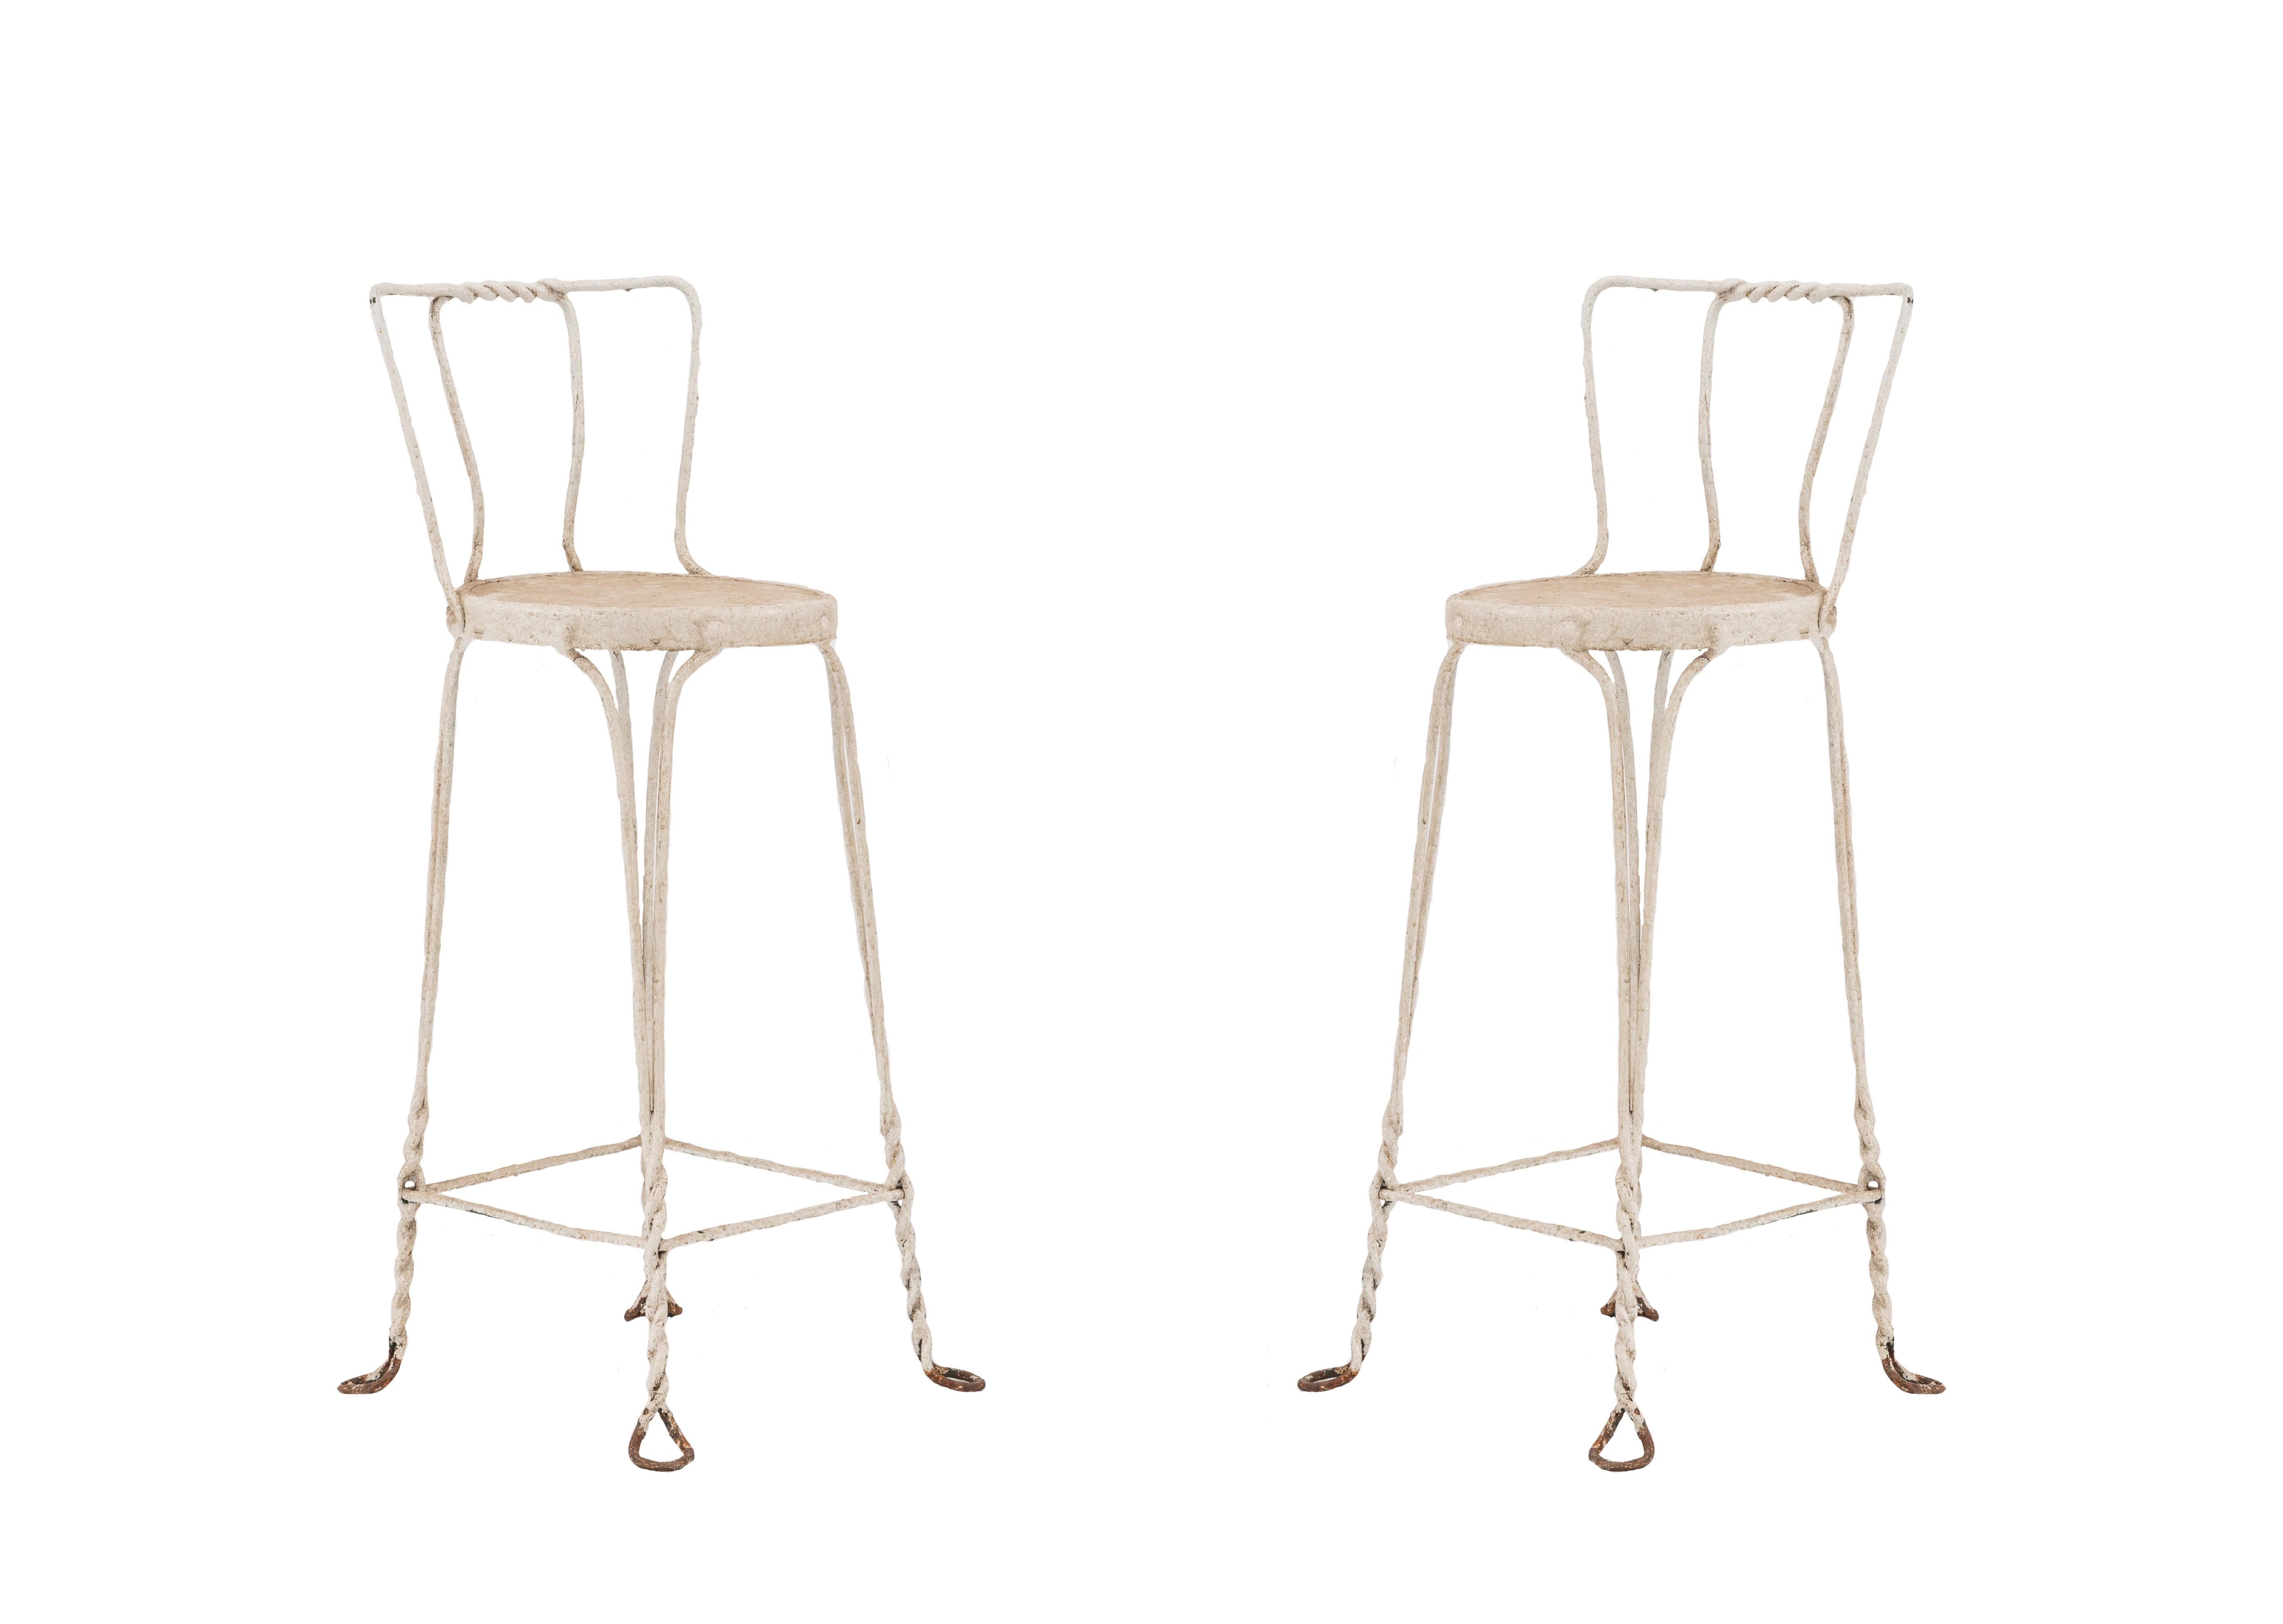 Amazing Outdoor Victorian Wire Bar Stools Newel Inzonedesignstudio Interior Chair Design Inzonedesignstudiocom